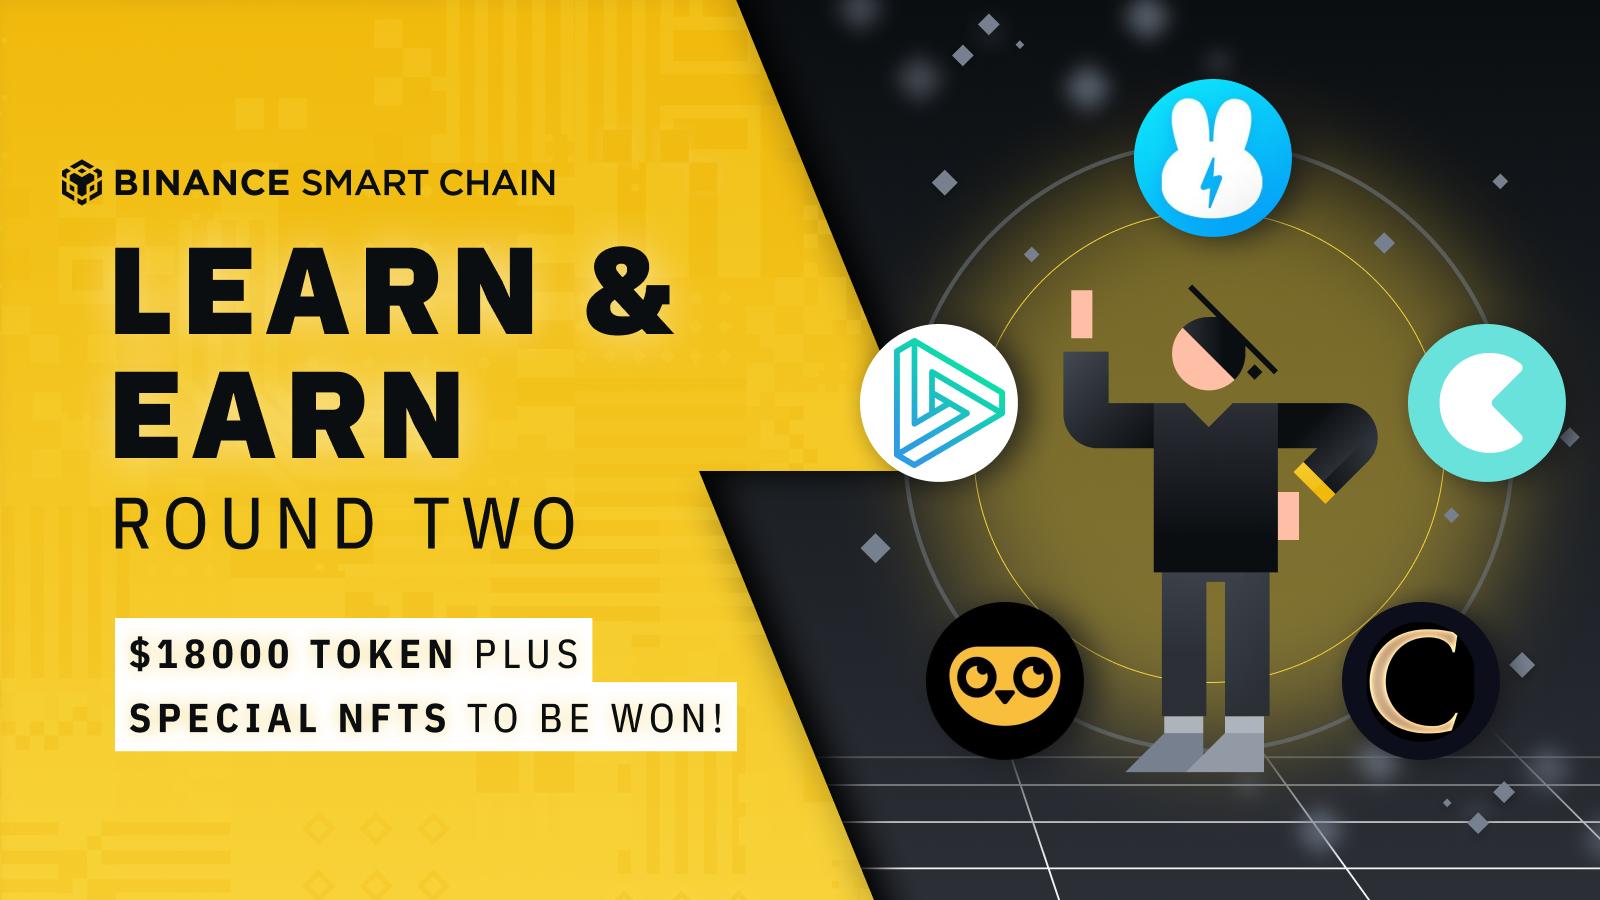 BSC Learn & Earn 2: Win a Share of $18,000